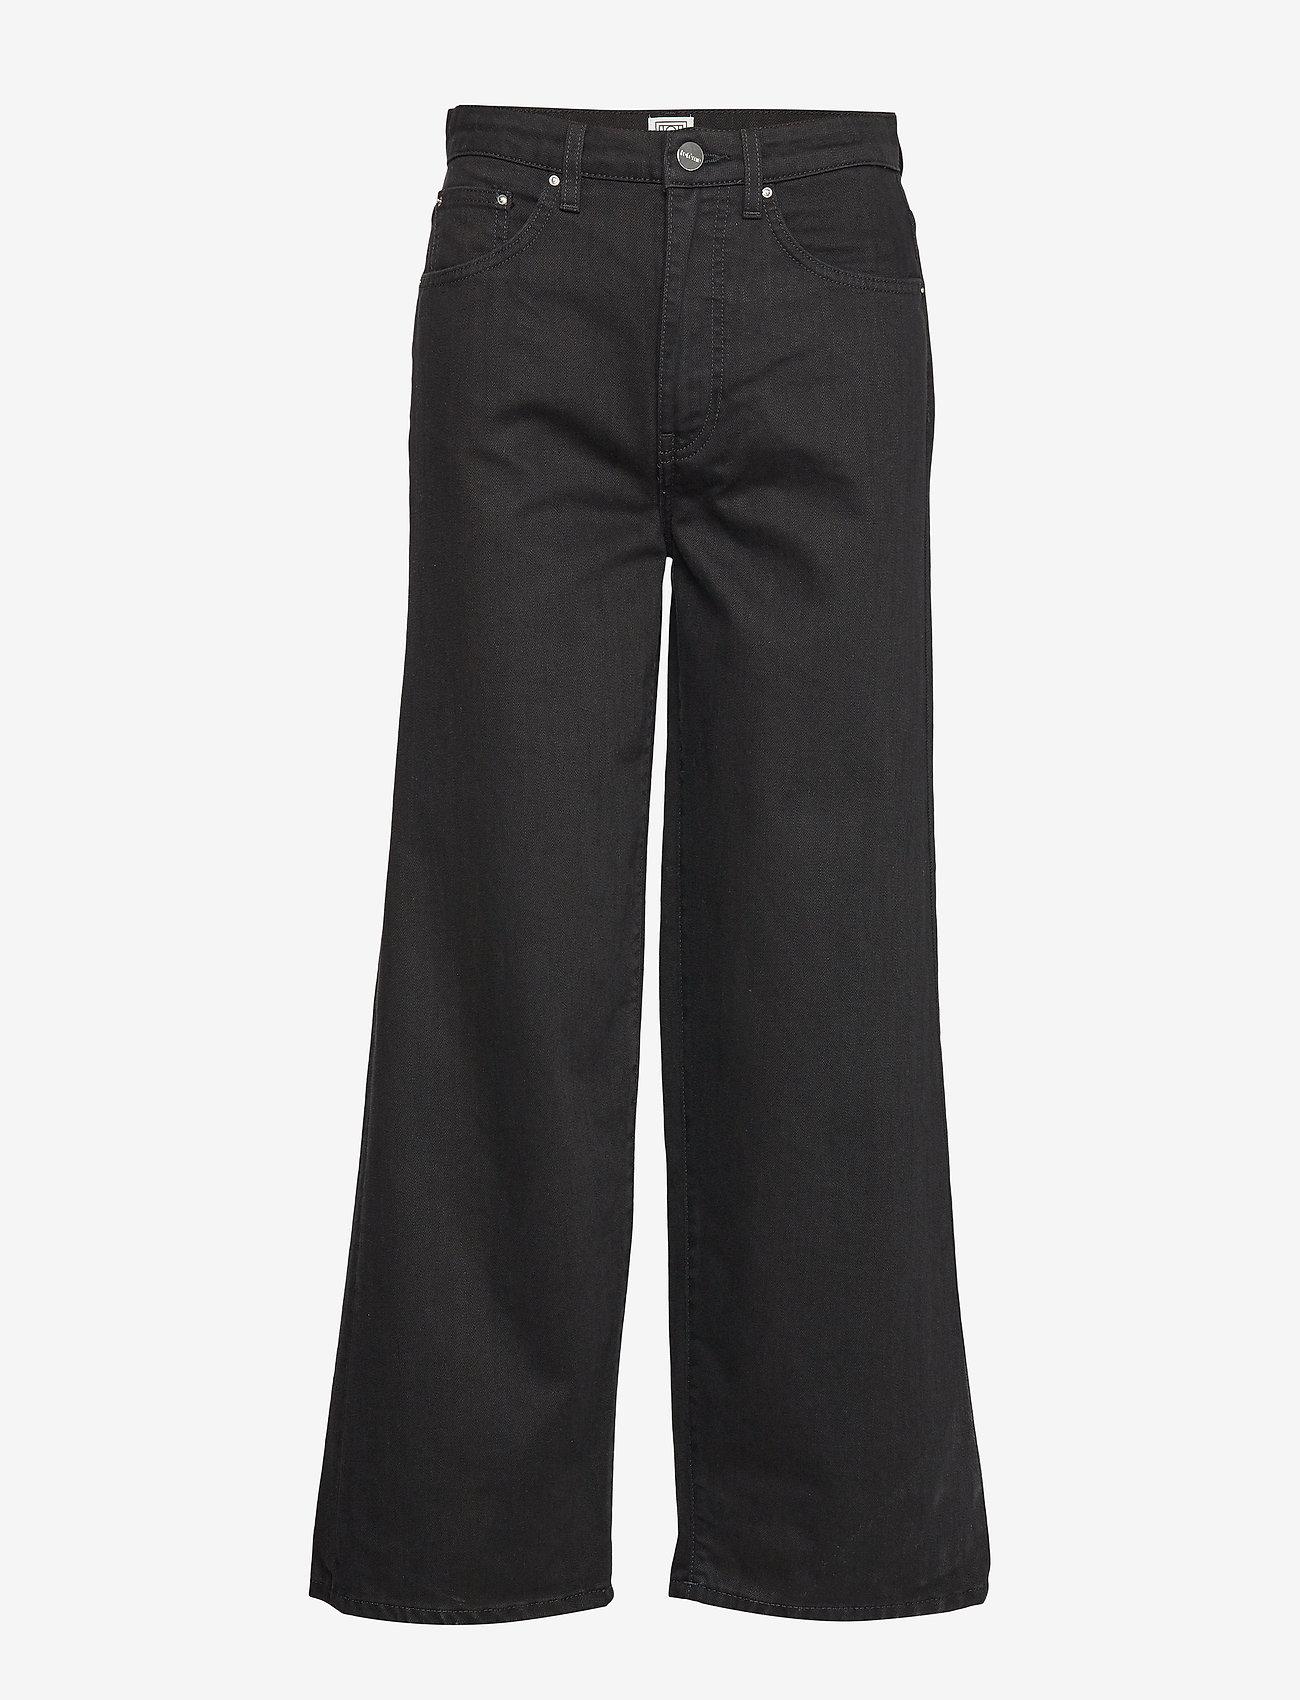 Totême - FLAIR DENIM - broeken met wijde pijpen - black rinse 290 - 0